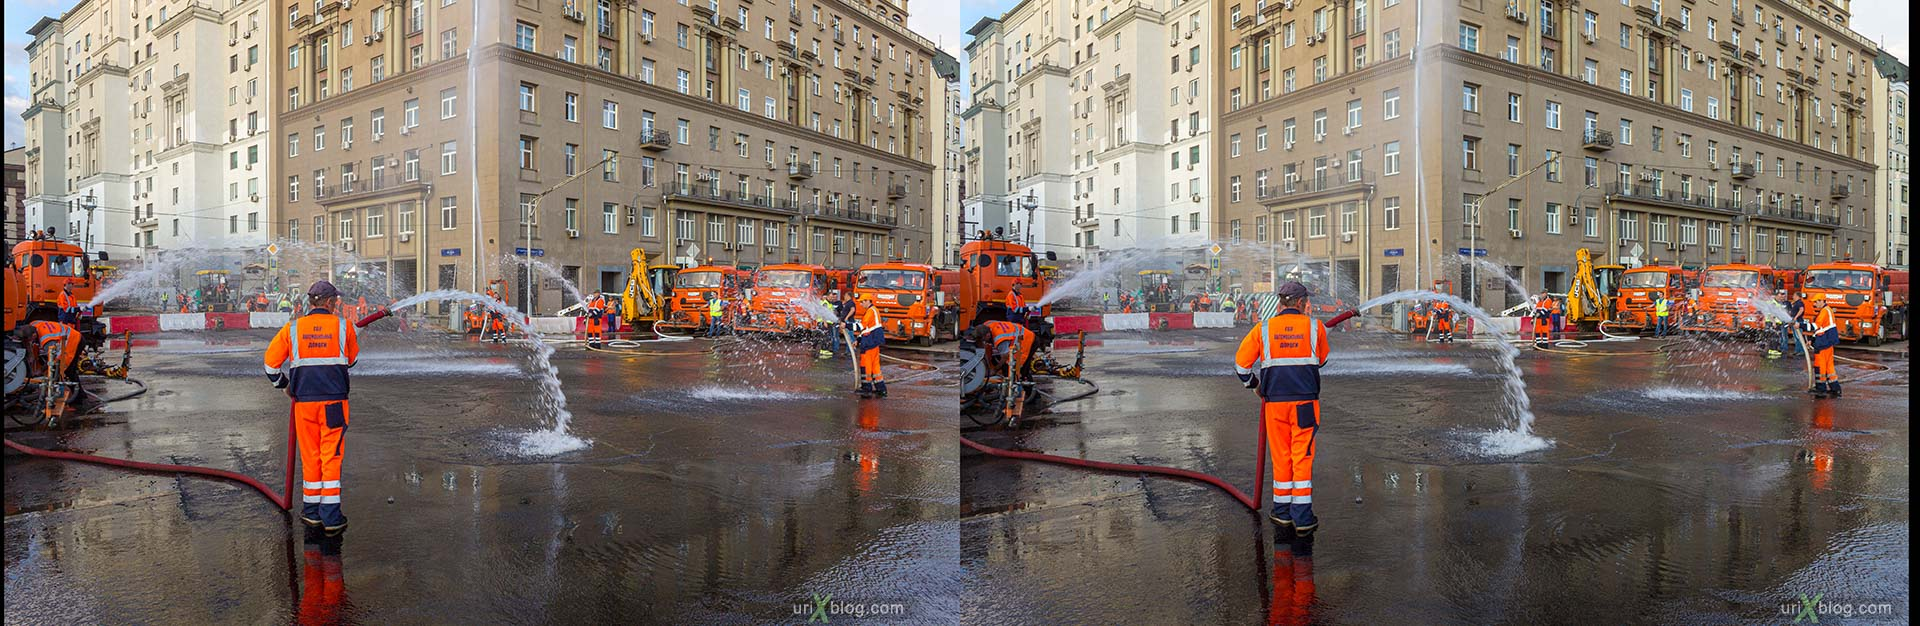 tram, tram tracks, tram rails, repair, road, railway, workers, builders, Belorusskaya, Tverskaya Zastava Square, Moscow, Russia, 3D, stereo pair, cross-eyed, crossview, cross view stereo pair, stereoscopic